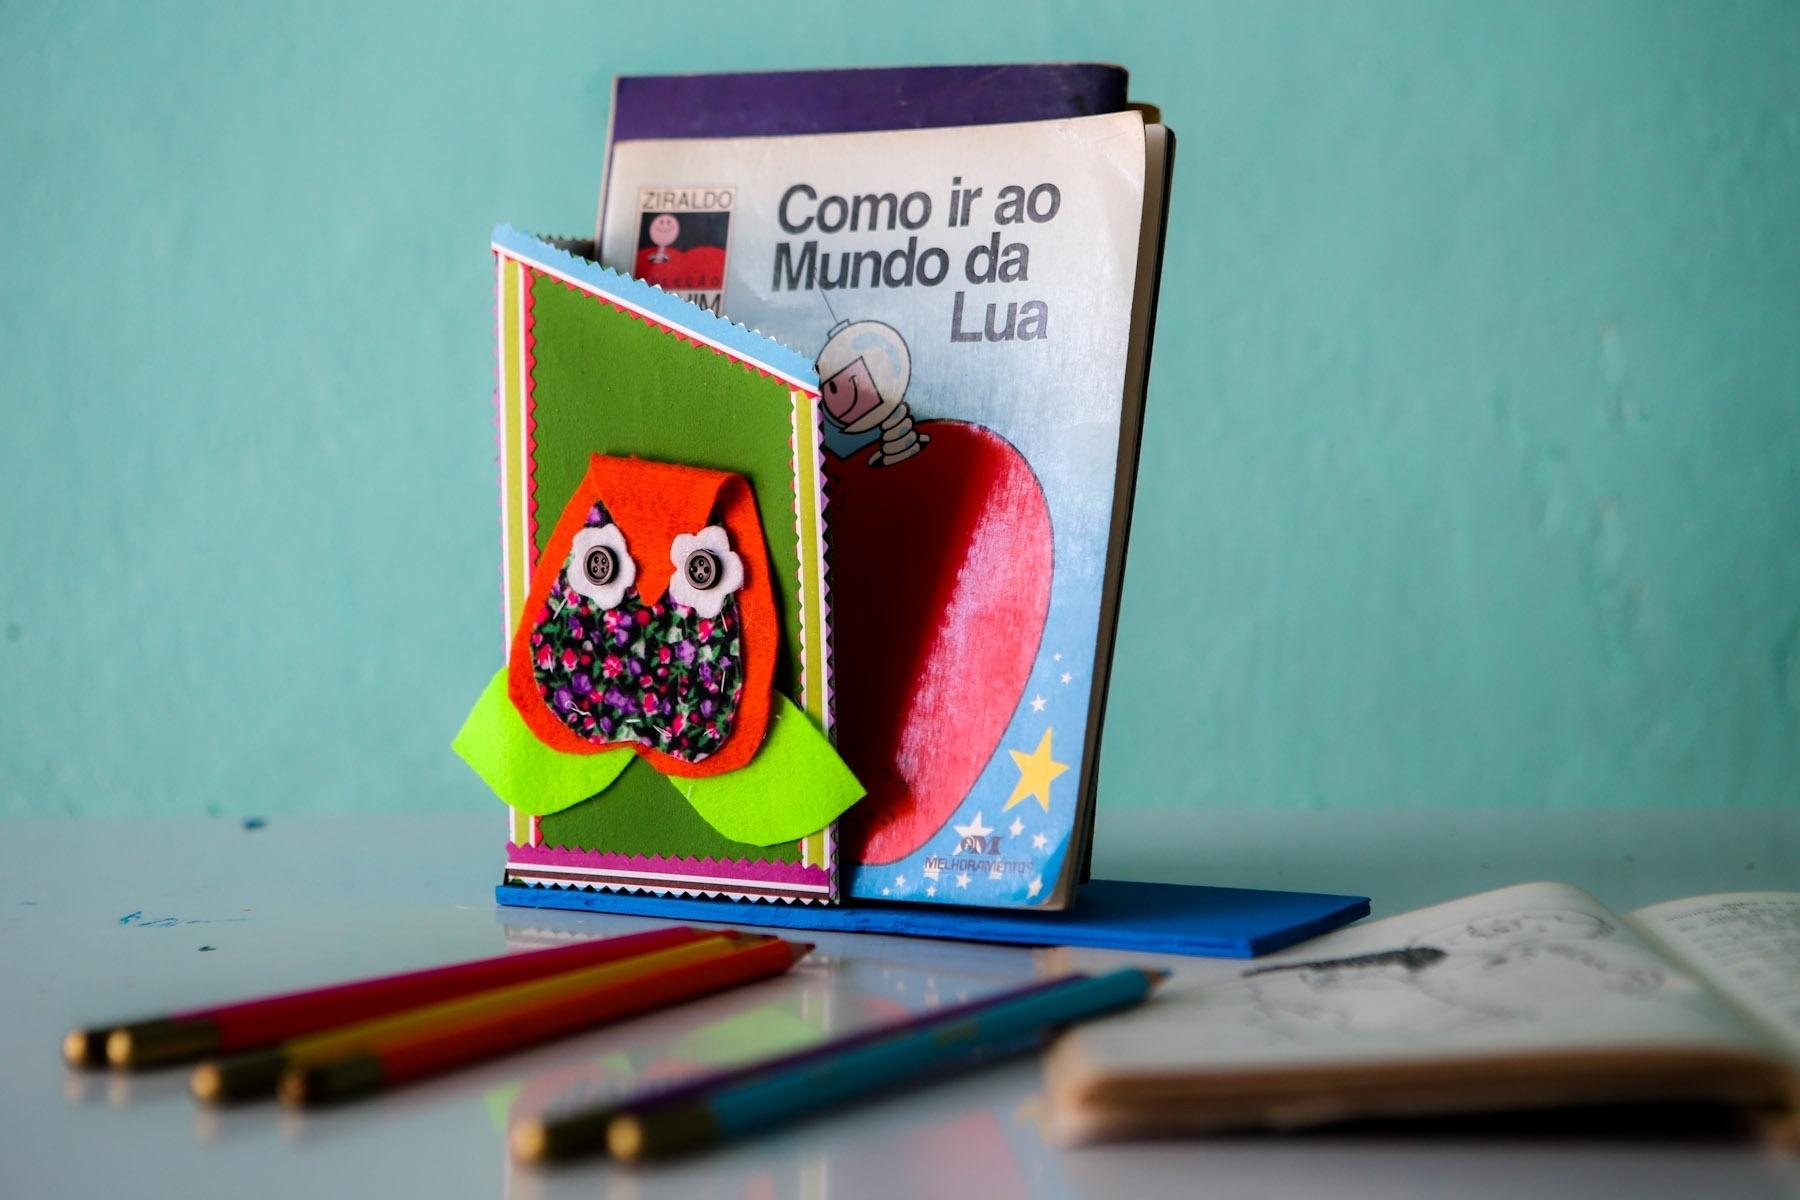 Adesivo Va De Bike ~ Fotos Veja como fazer um aparador para os livros infantis com embalagem de leite  UOL Universa